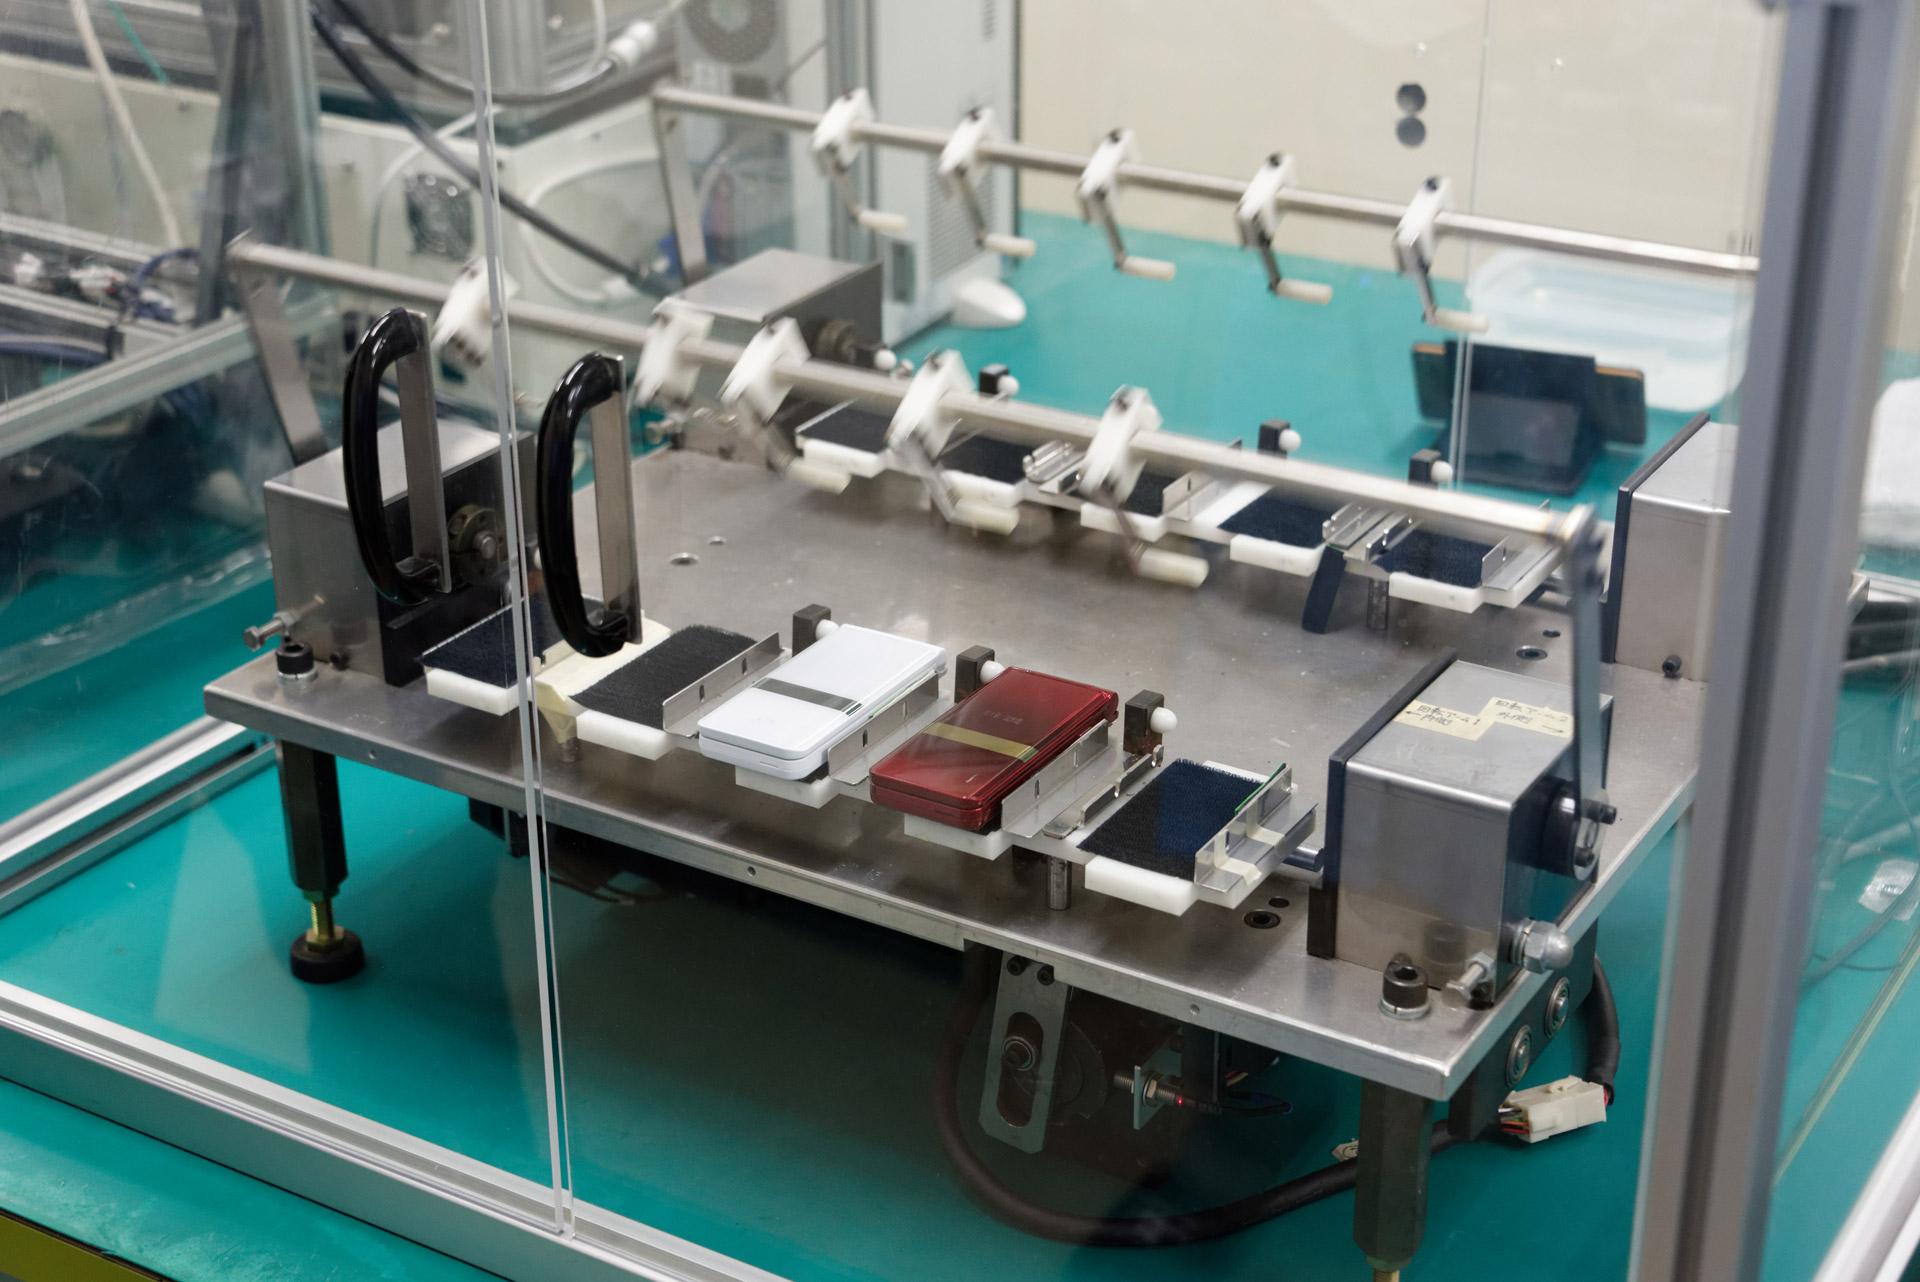 折りたたみ型携帯電話の開閉を11万回繰り返す、ヒンジの耐久試験を行う機材もある